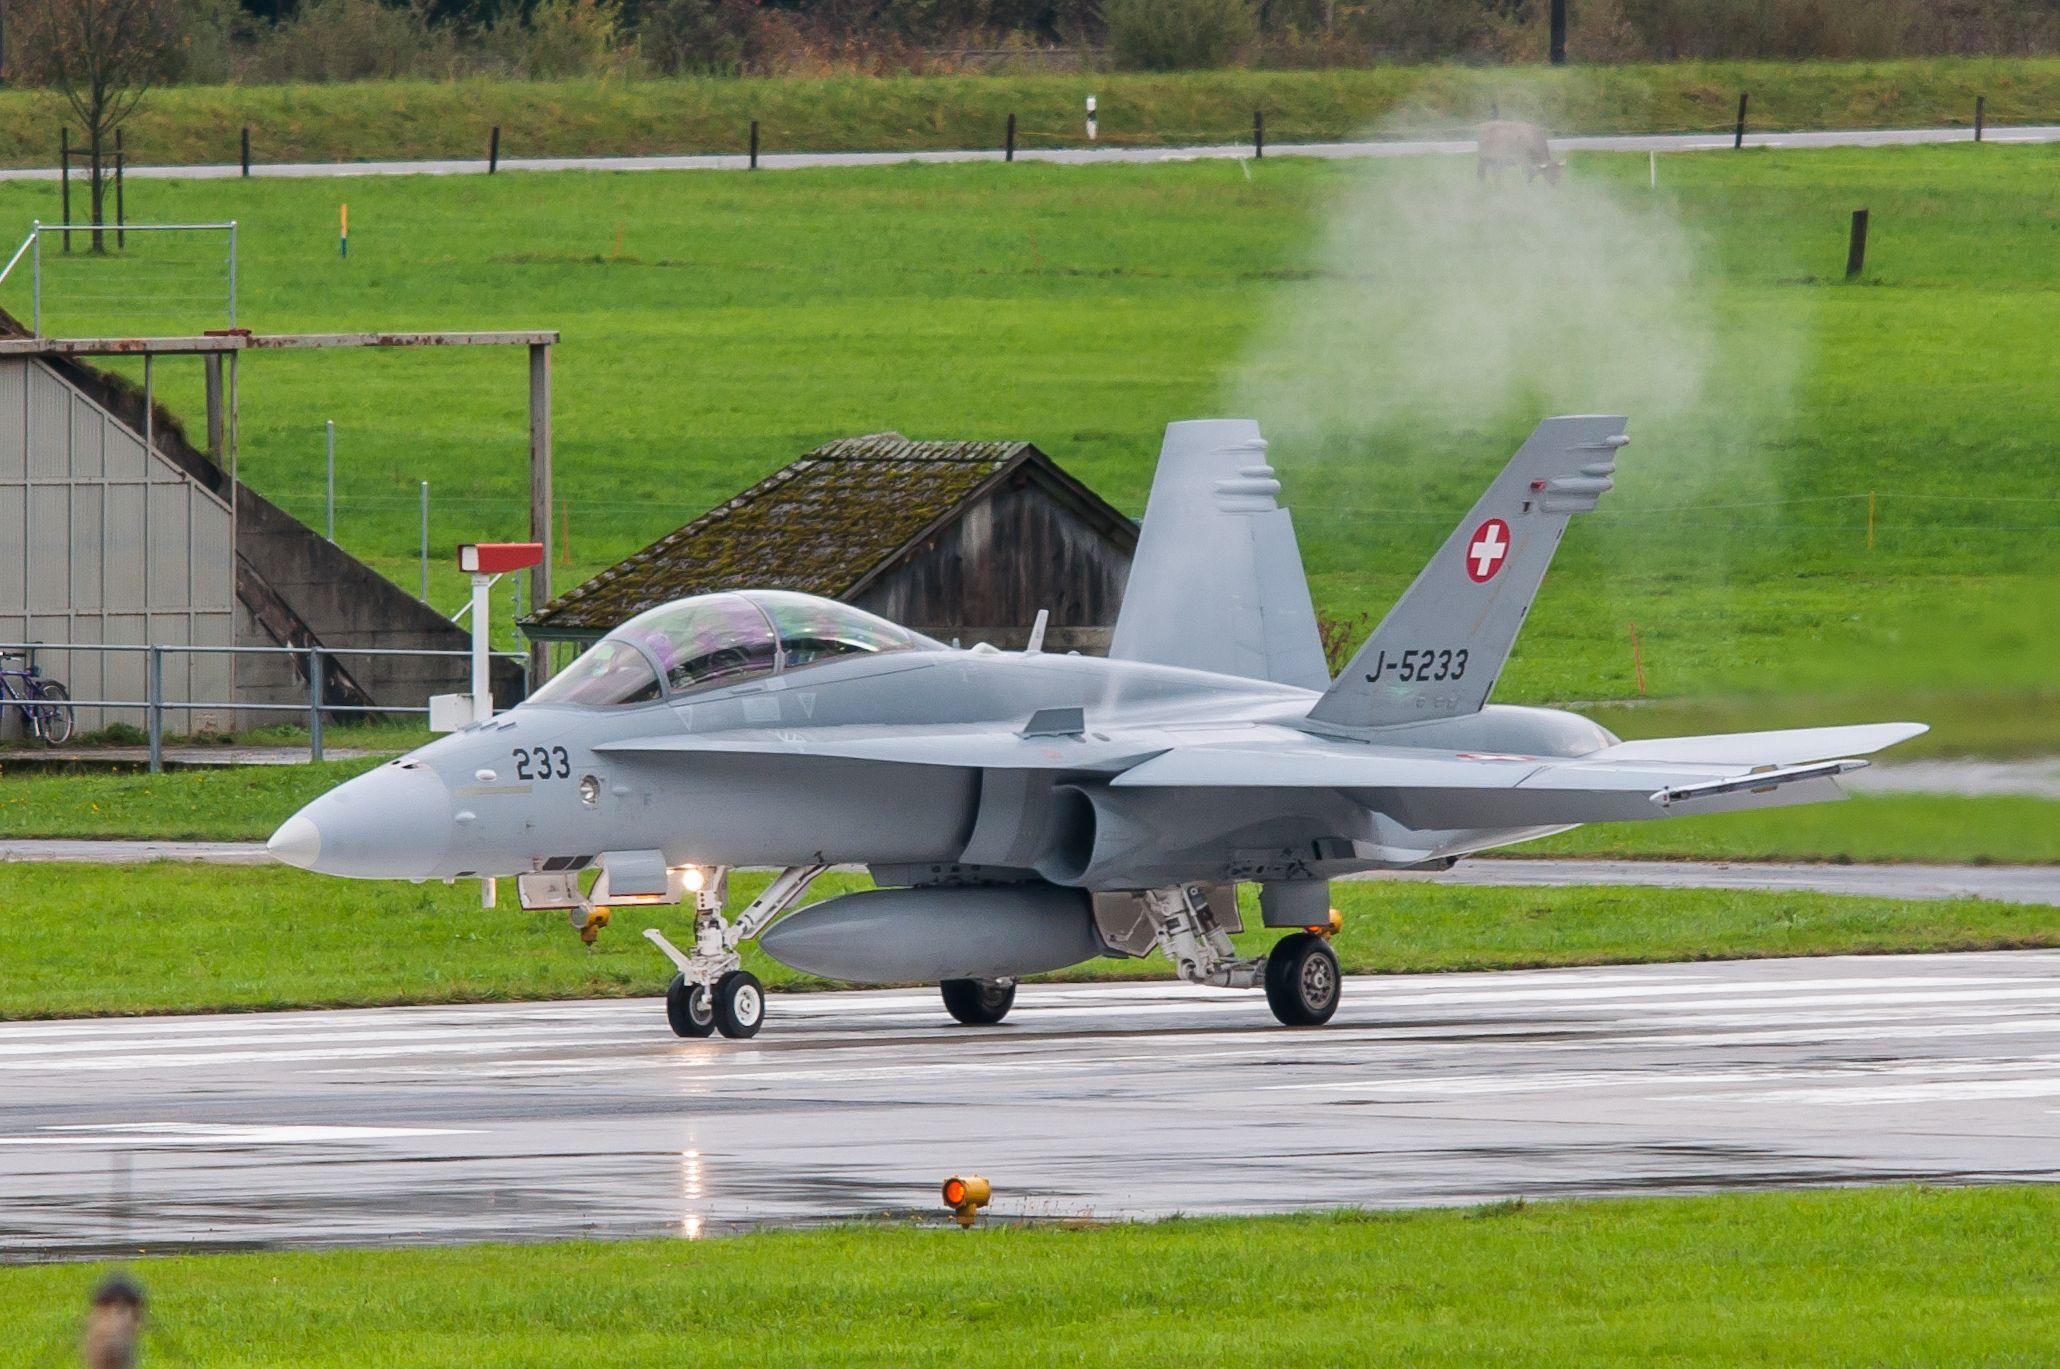 Air force live fire event Axalp 2012 - 10-11 Oct 2012 - Pagina 2 000156